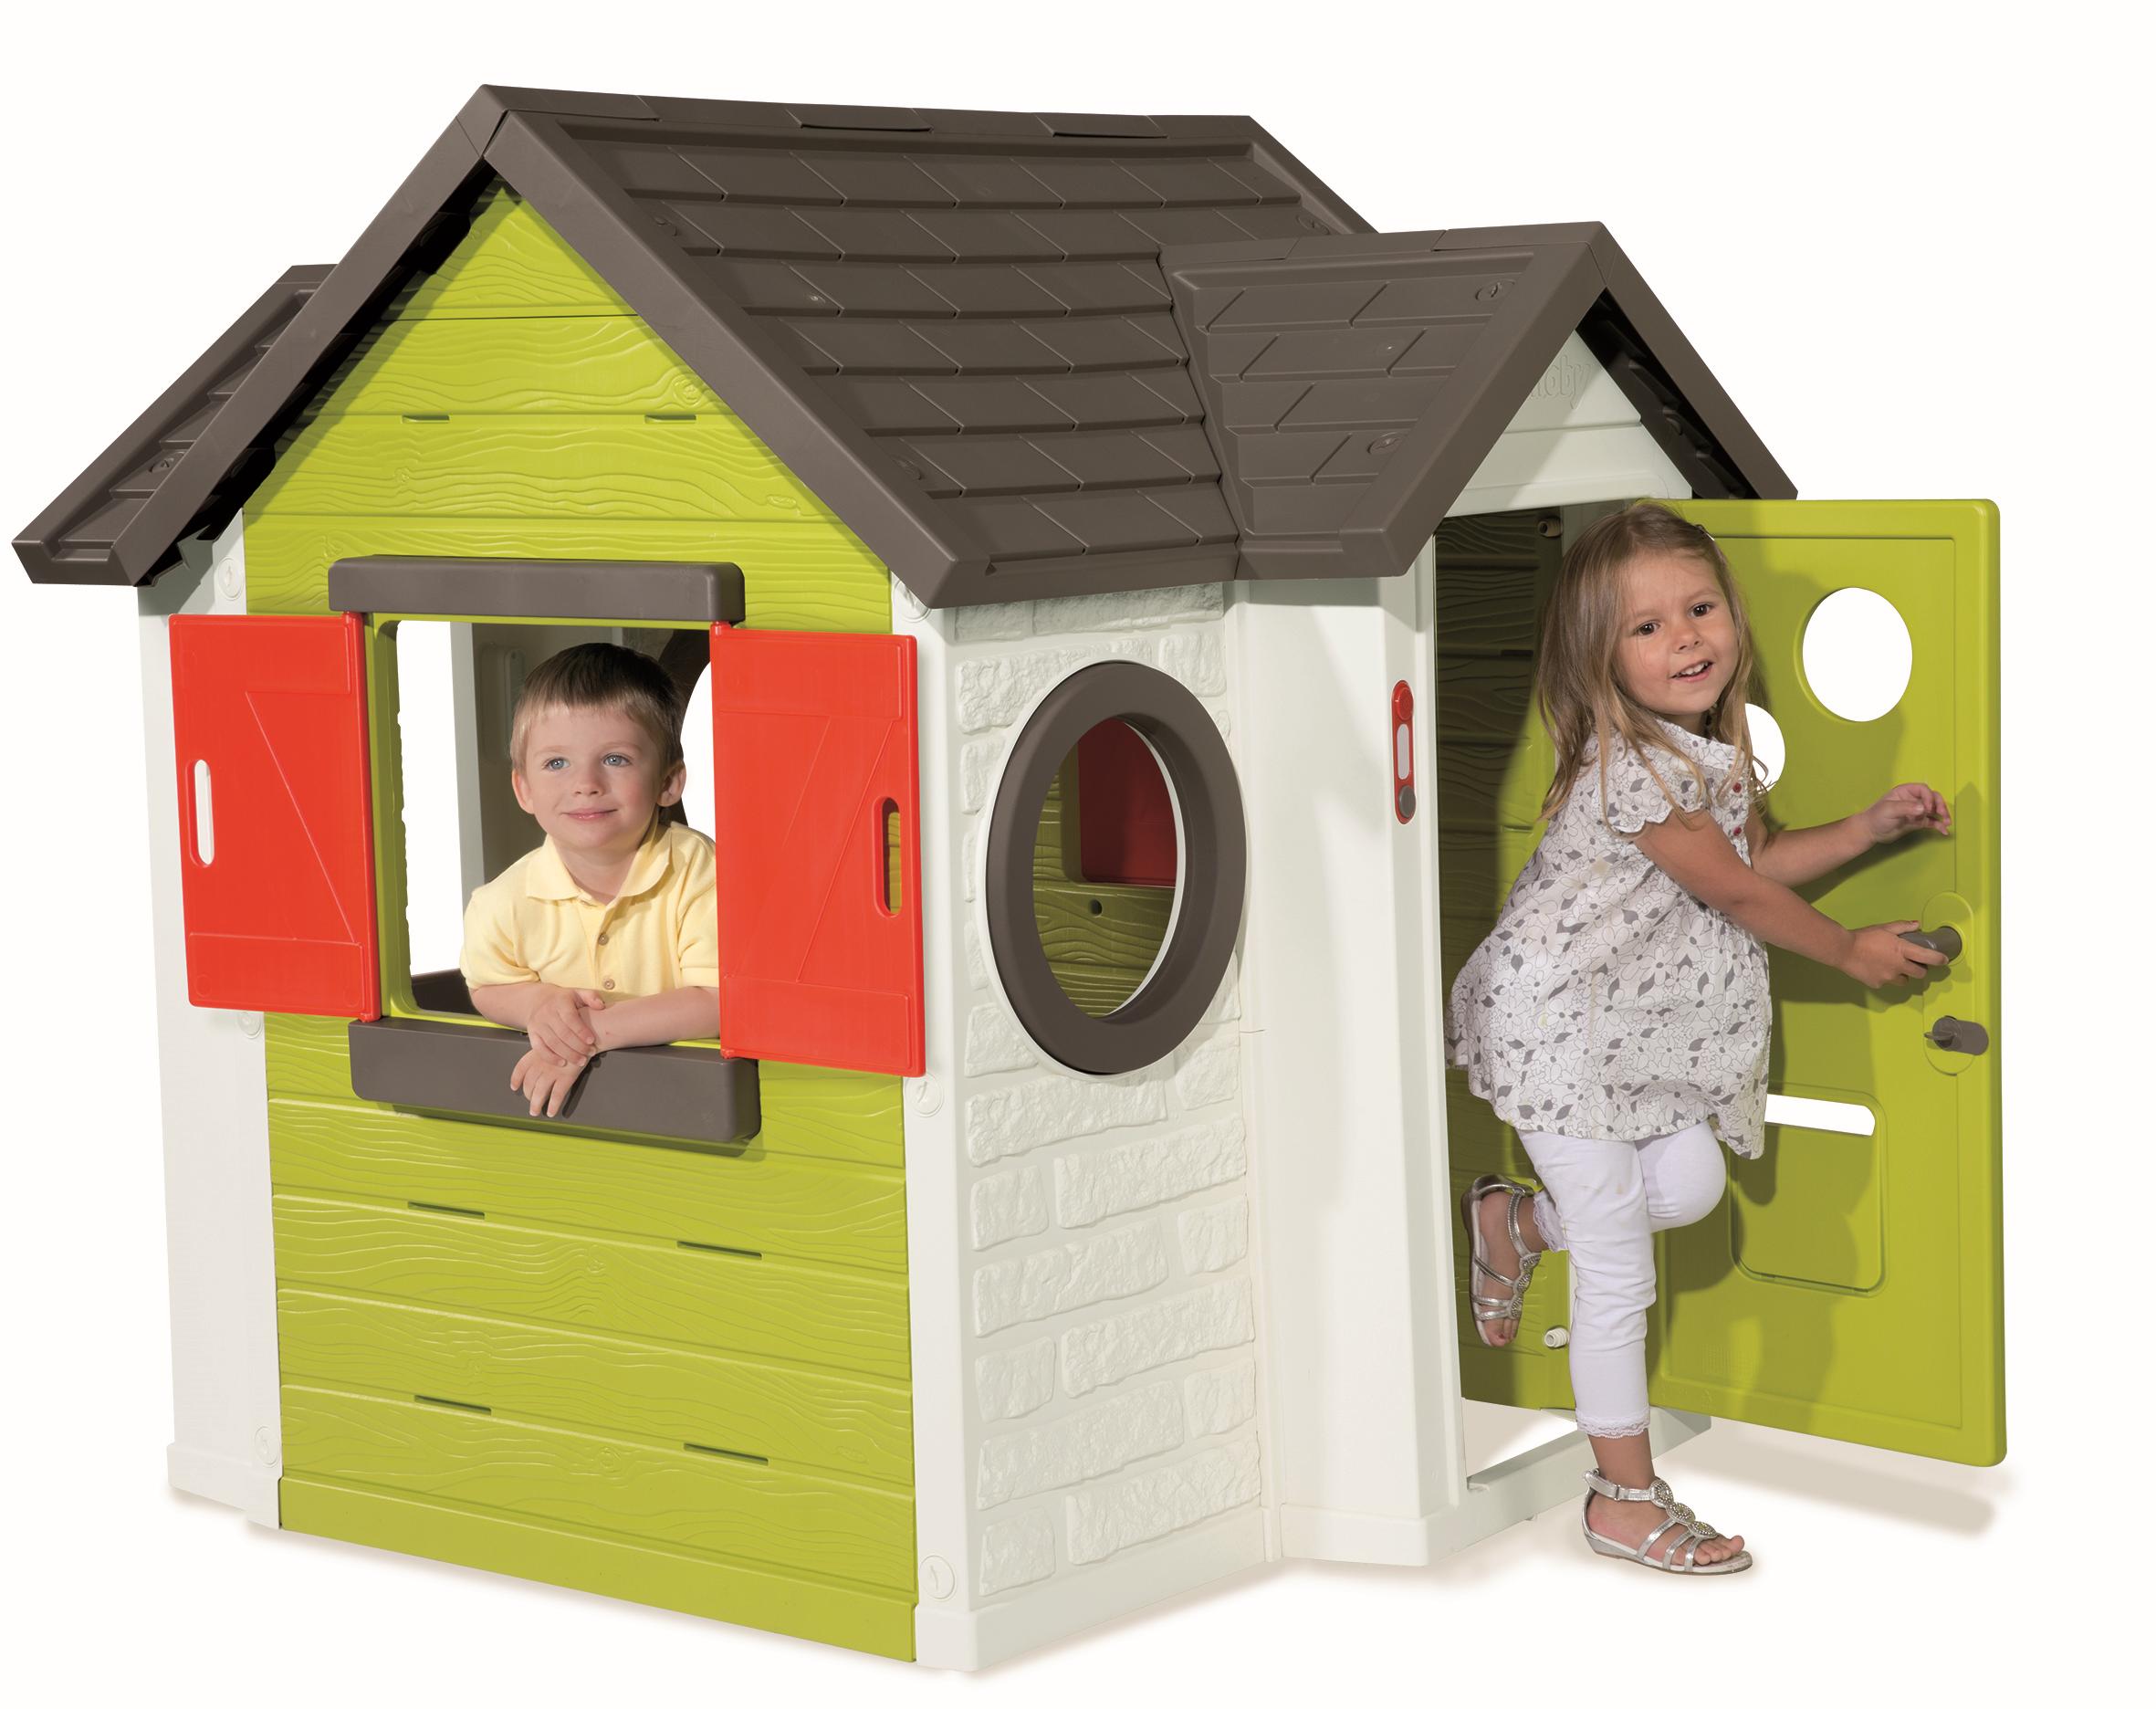 SMOBY 310228 domček My House s 2 dverami okrúhlym oknom a zvončekom UV filtrom 135 cm vysoký